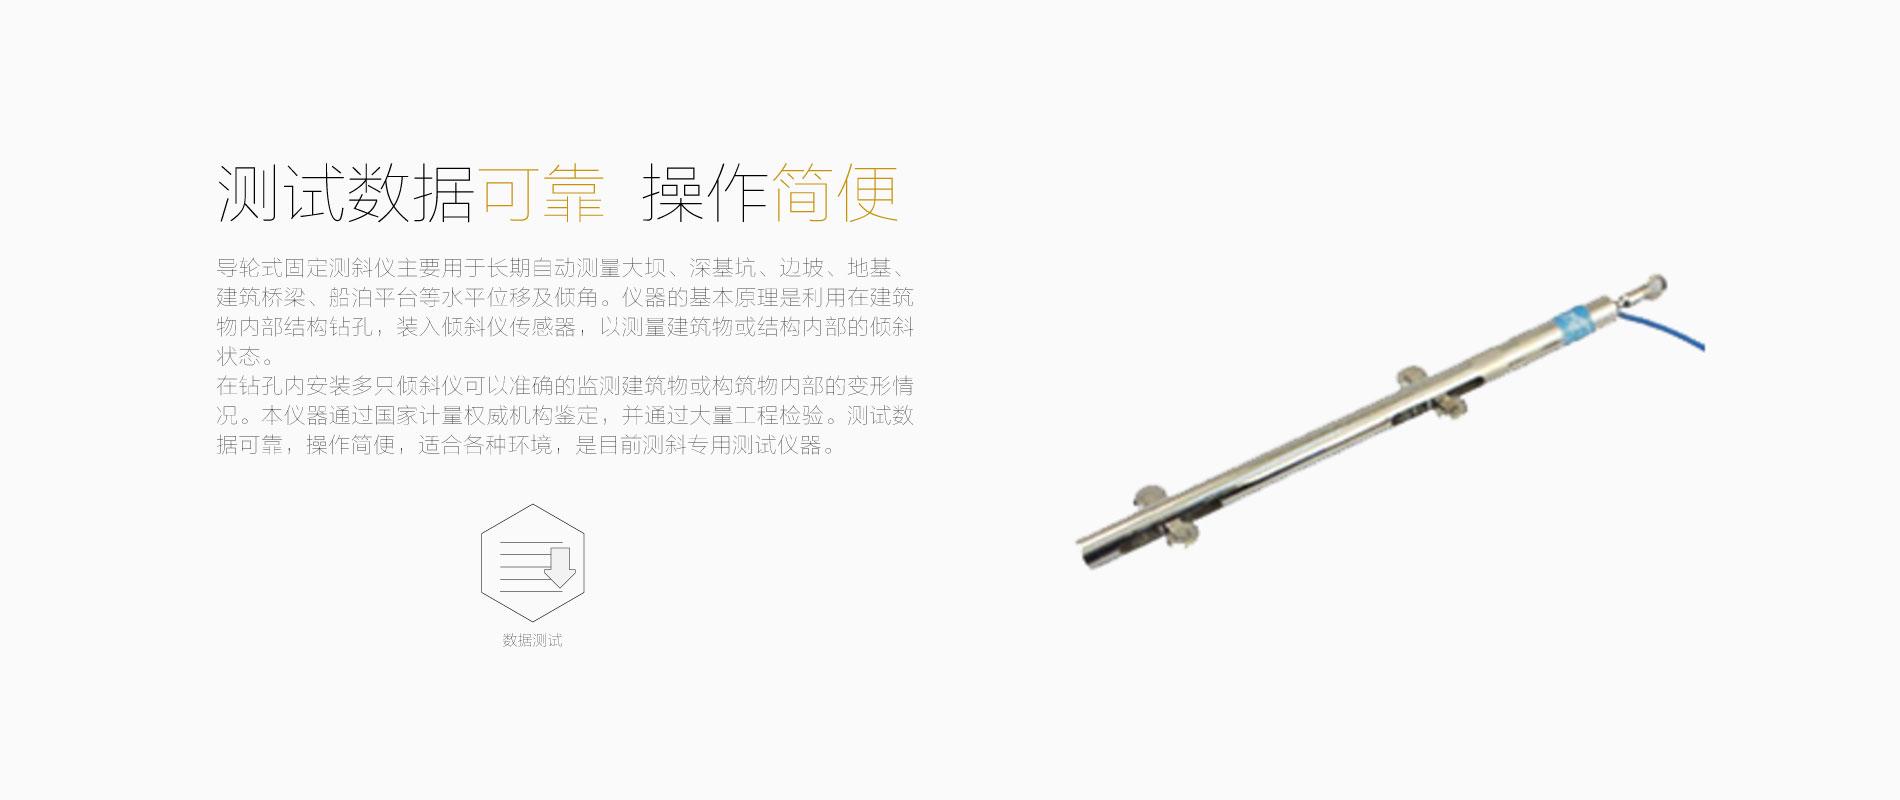 上海華測_導輪式固定測斜儀HC-CA-1.1,測試數據可靠,操作簡便的專業工程測斜儀